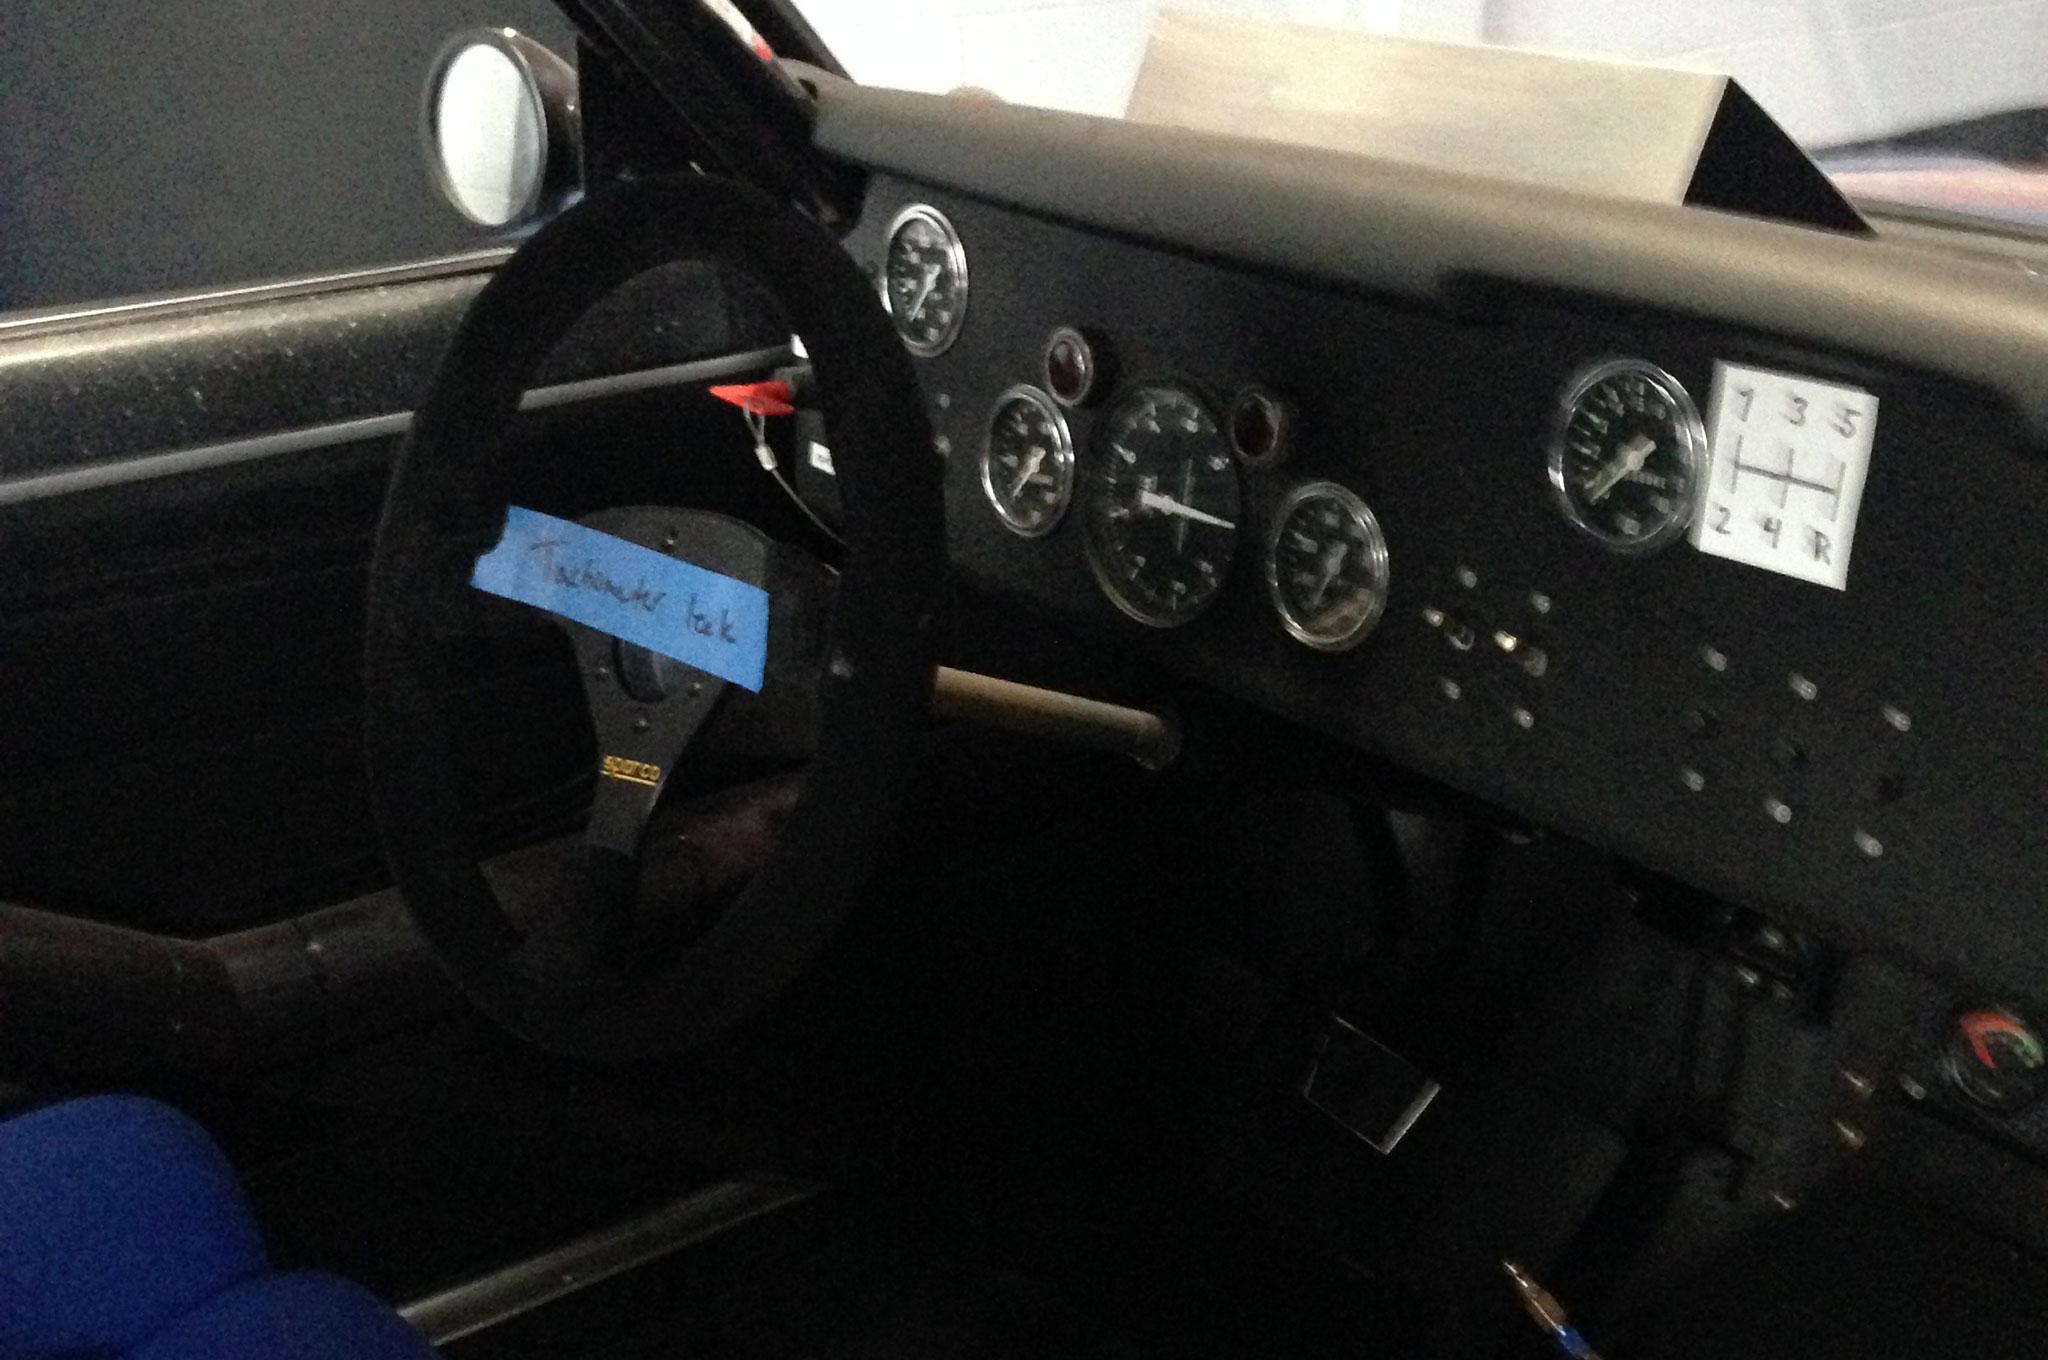 1971 BRE Datsun 510 Trans Am 25 Interior